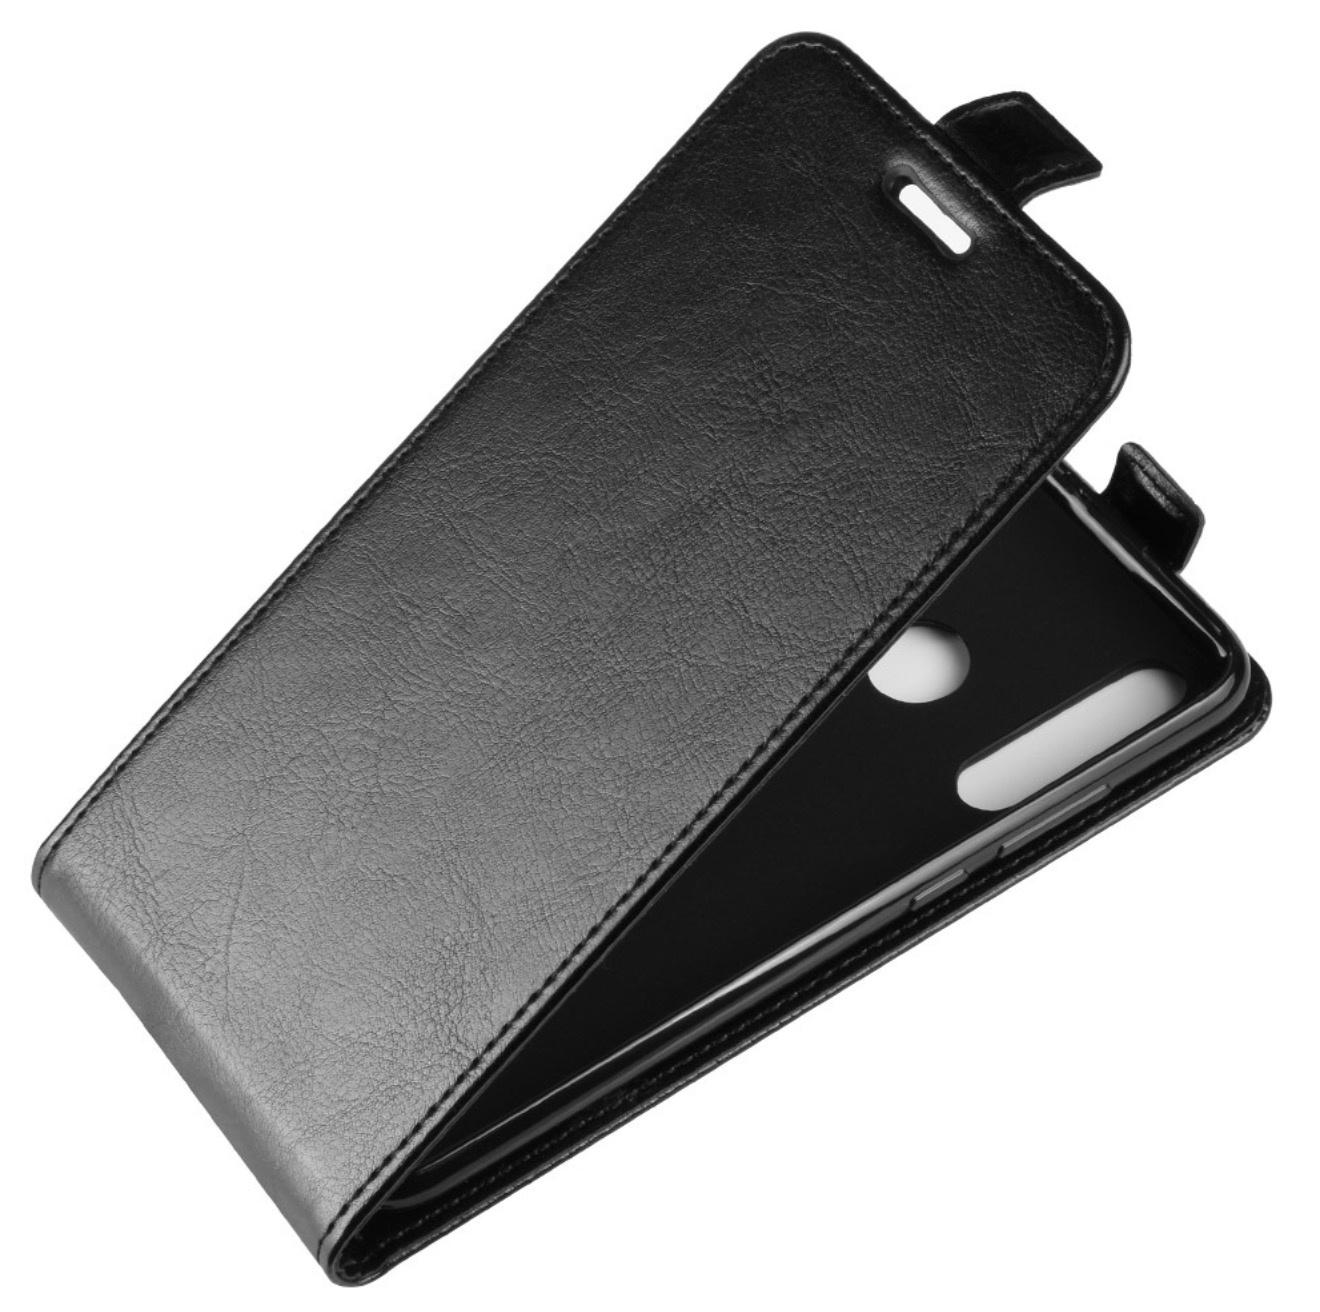 Чехол-флип MyPads для Huawei Honor 10i / Enjoy 9S / P Smart Plus 2019 вертикальный откидной черный